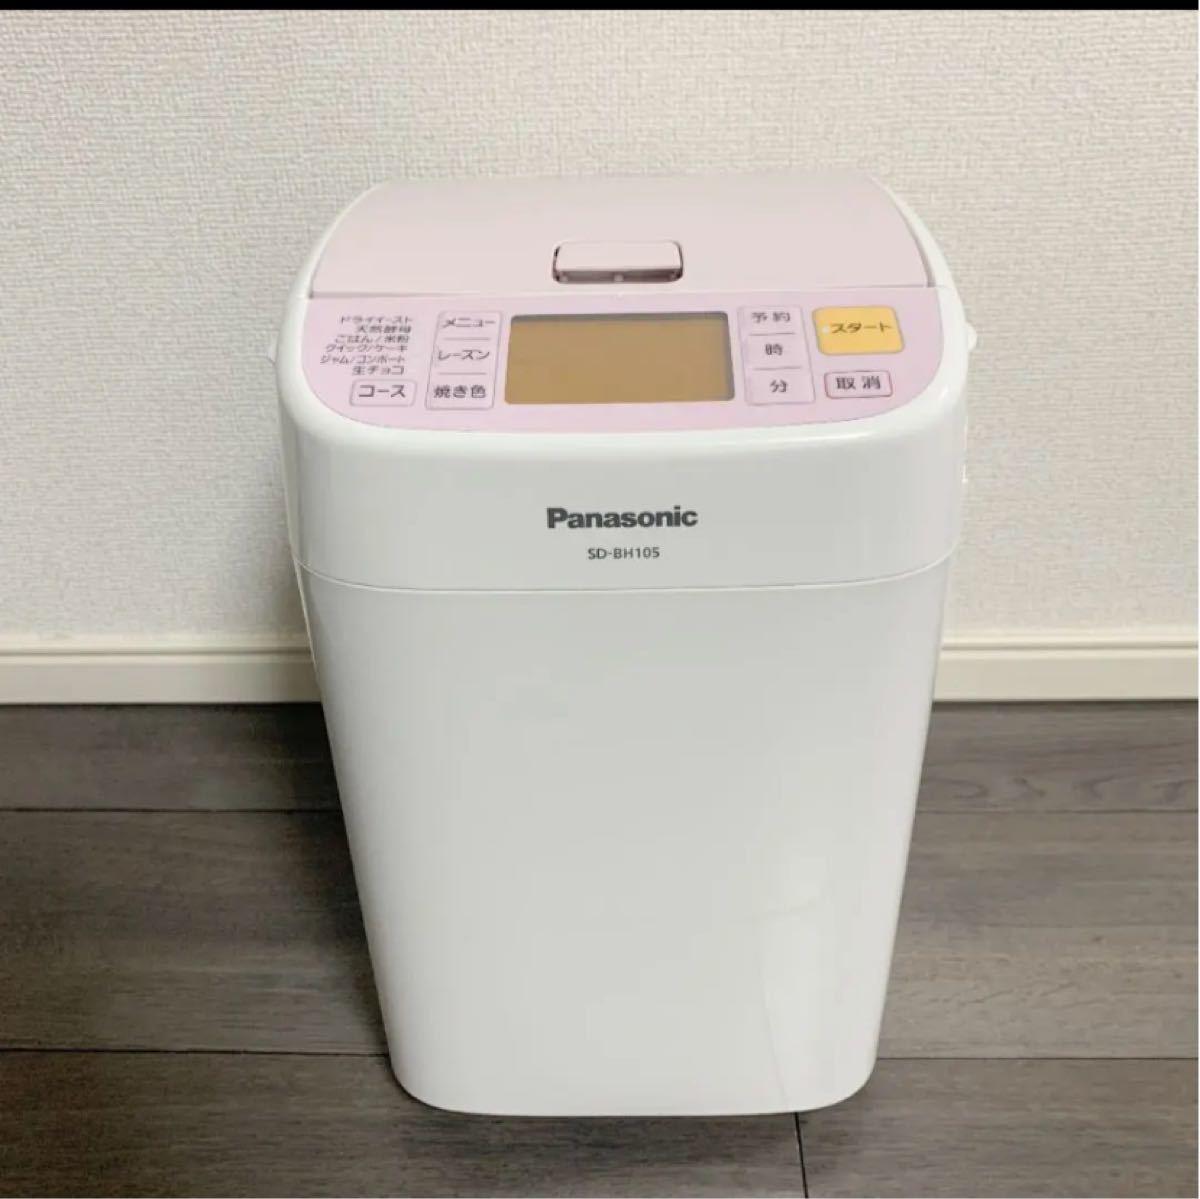 Panasonic ホームベーカリー SD-BH105